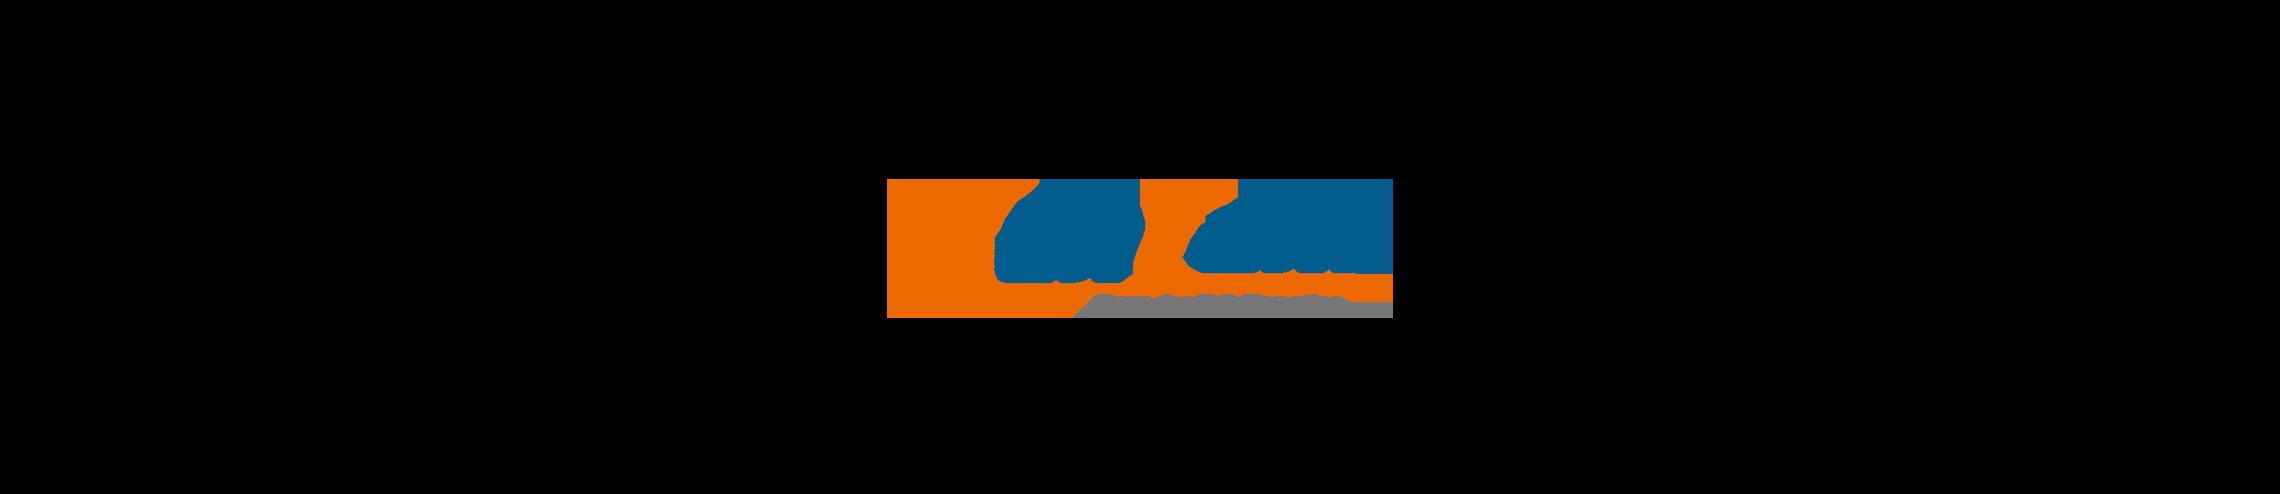 Runcam fpv banner promotion shop description mantisfpv